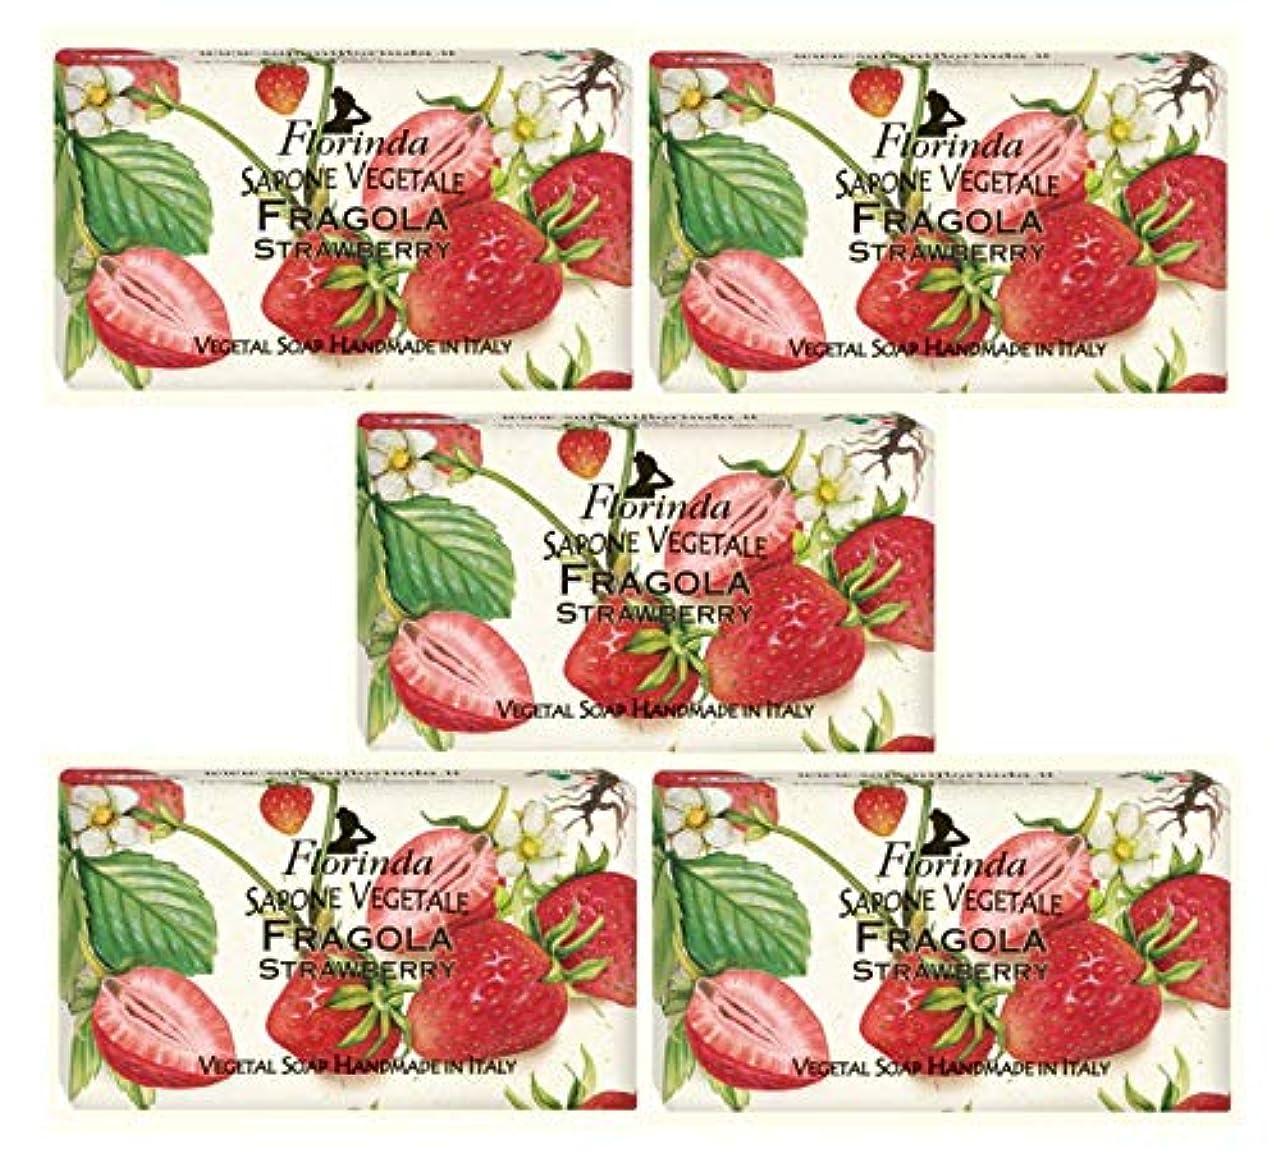 シロクマ優雅ワンダーフロリンダ フレグランスソープ 固形石けん フルーツの香り ストロベリー 95g×5個セット